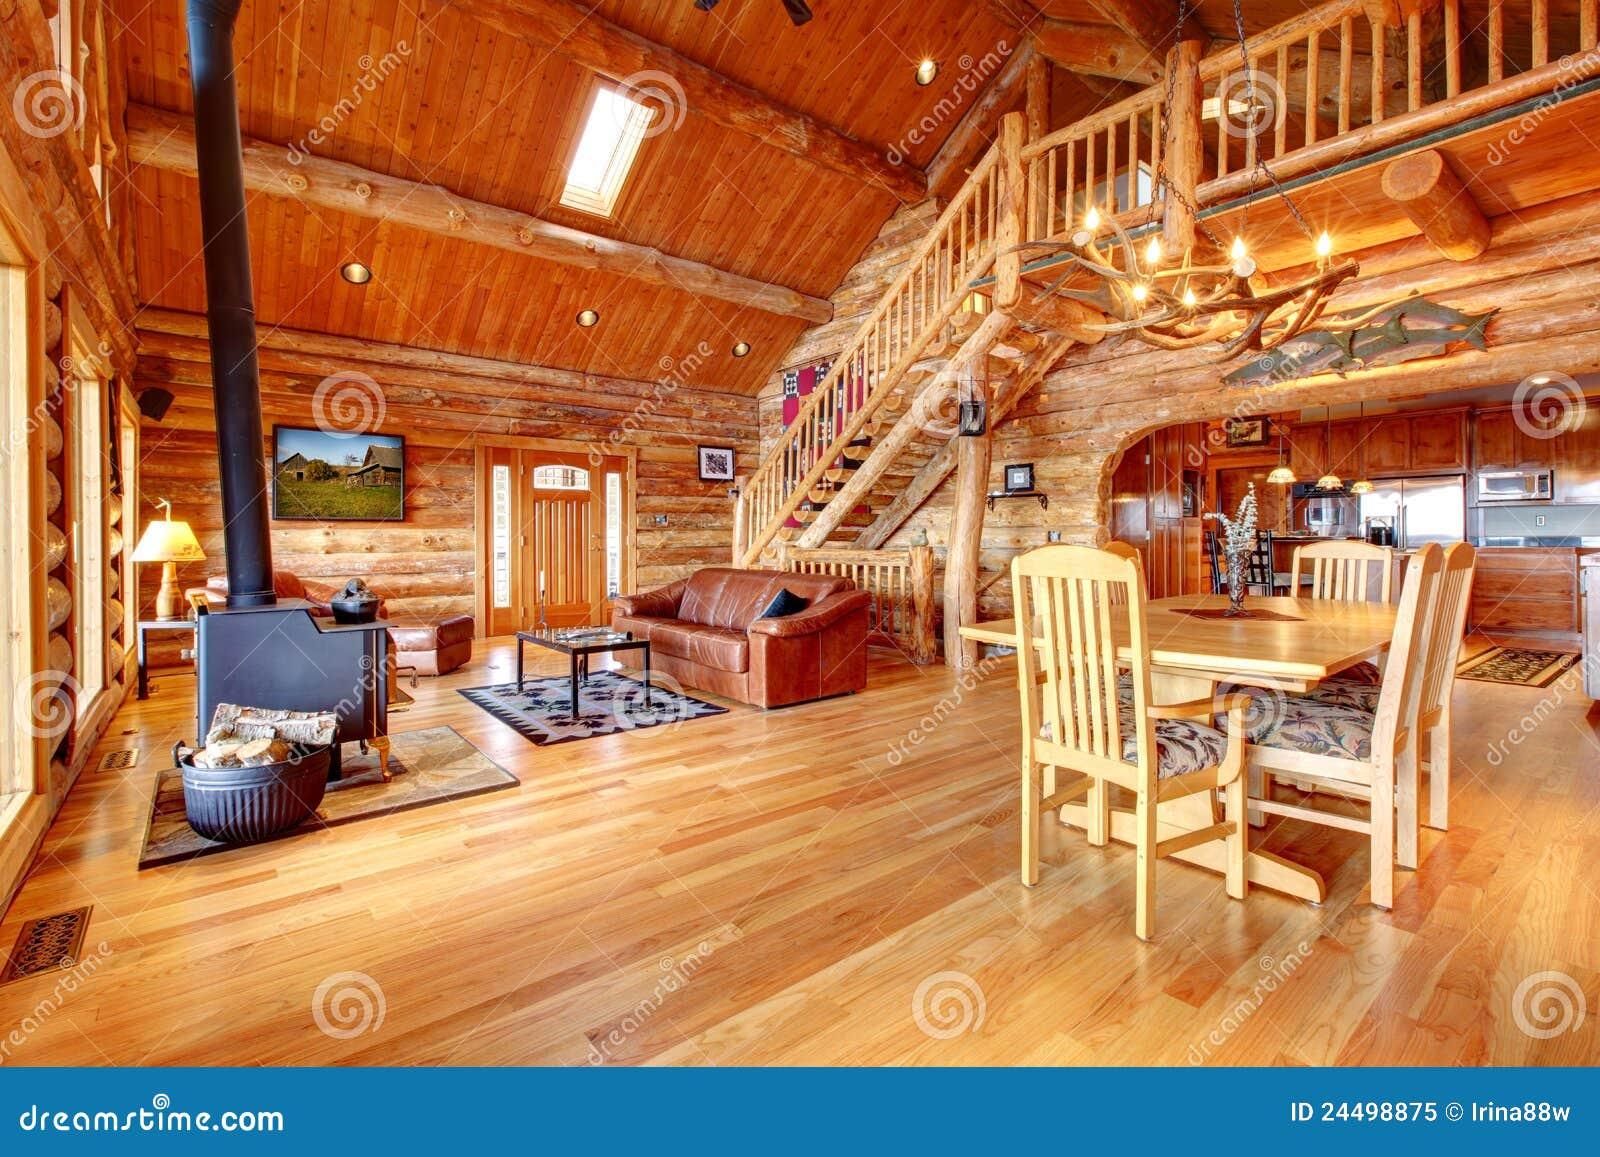 grand salon de luxe de cabane en rondins photo libre de droits image 24498875. Black Bedroom Furniture Sets. Home Design Ideas